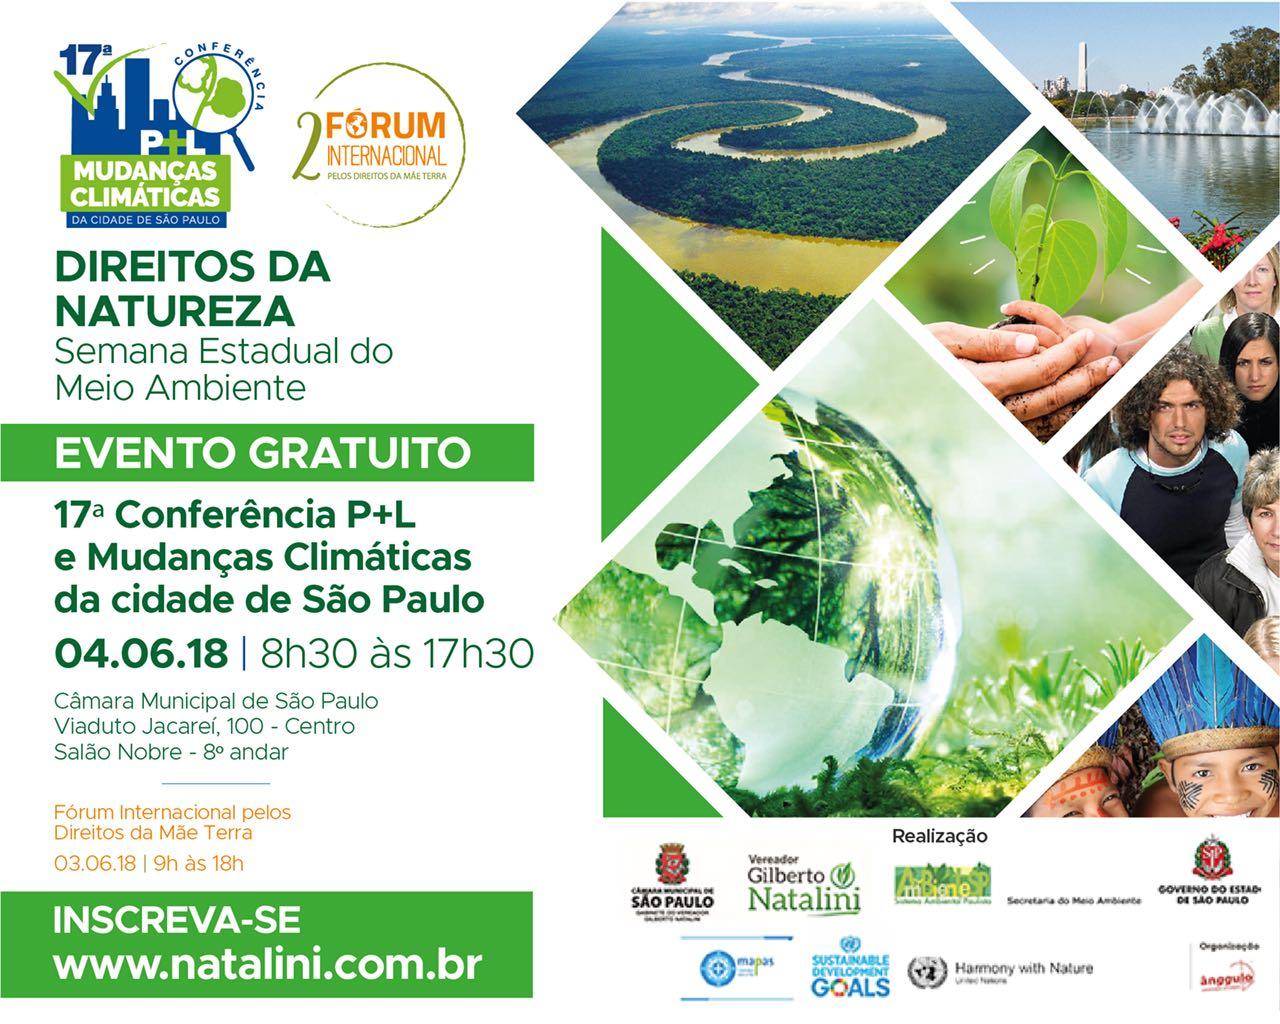 São Paulo realizará a 17ª Conferência de Produção Mais Limpa e Mudanças Climáticas  e o 2º Fórum Internacional da Mãe Terra